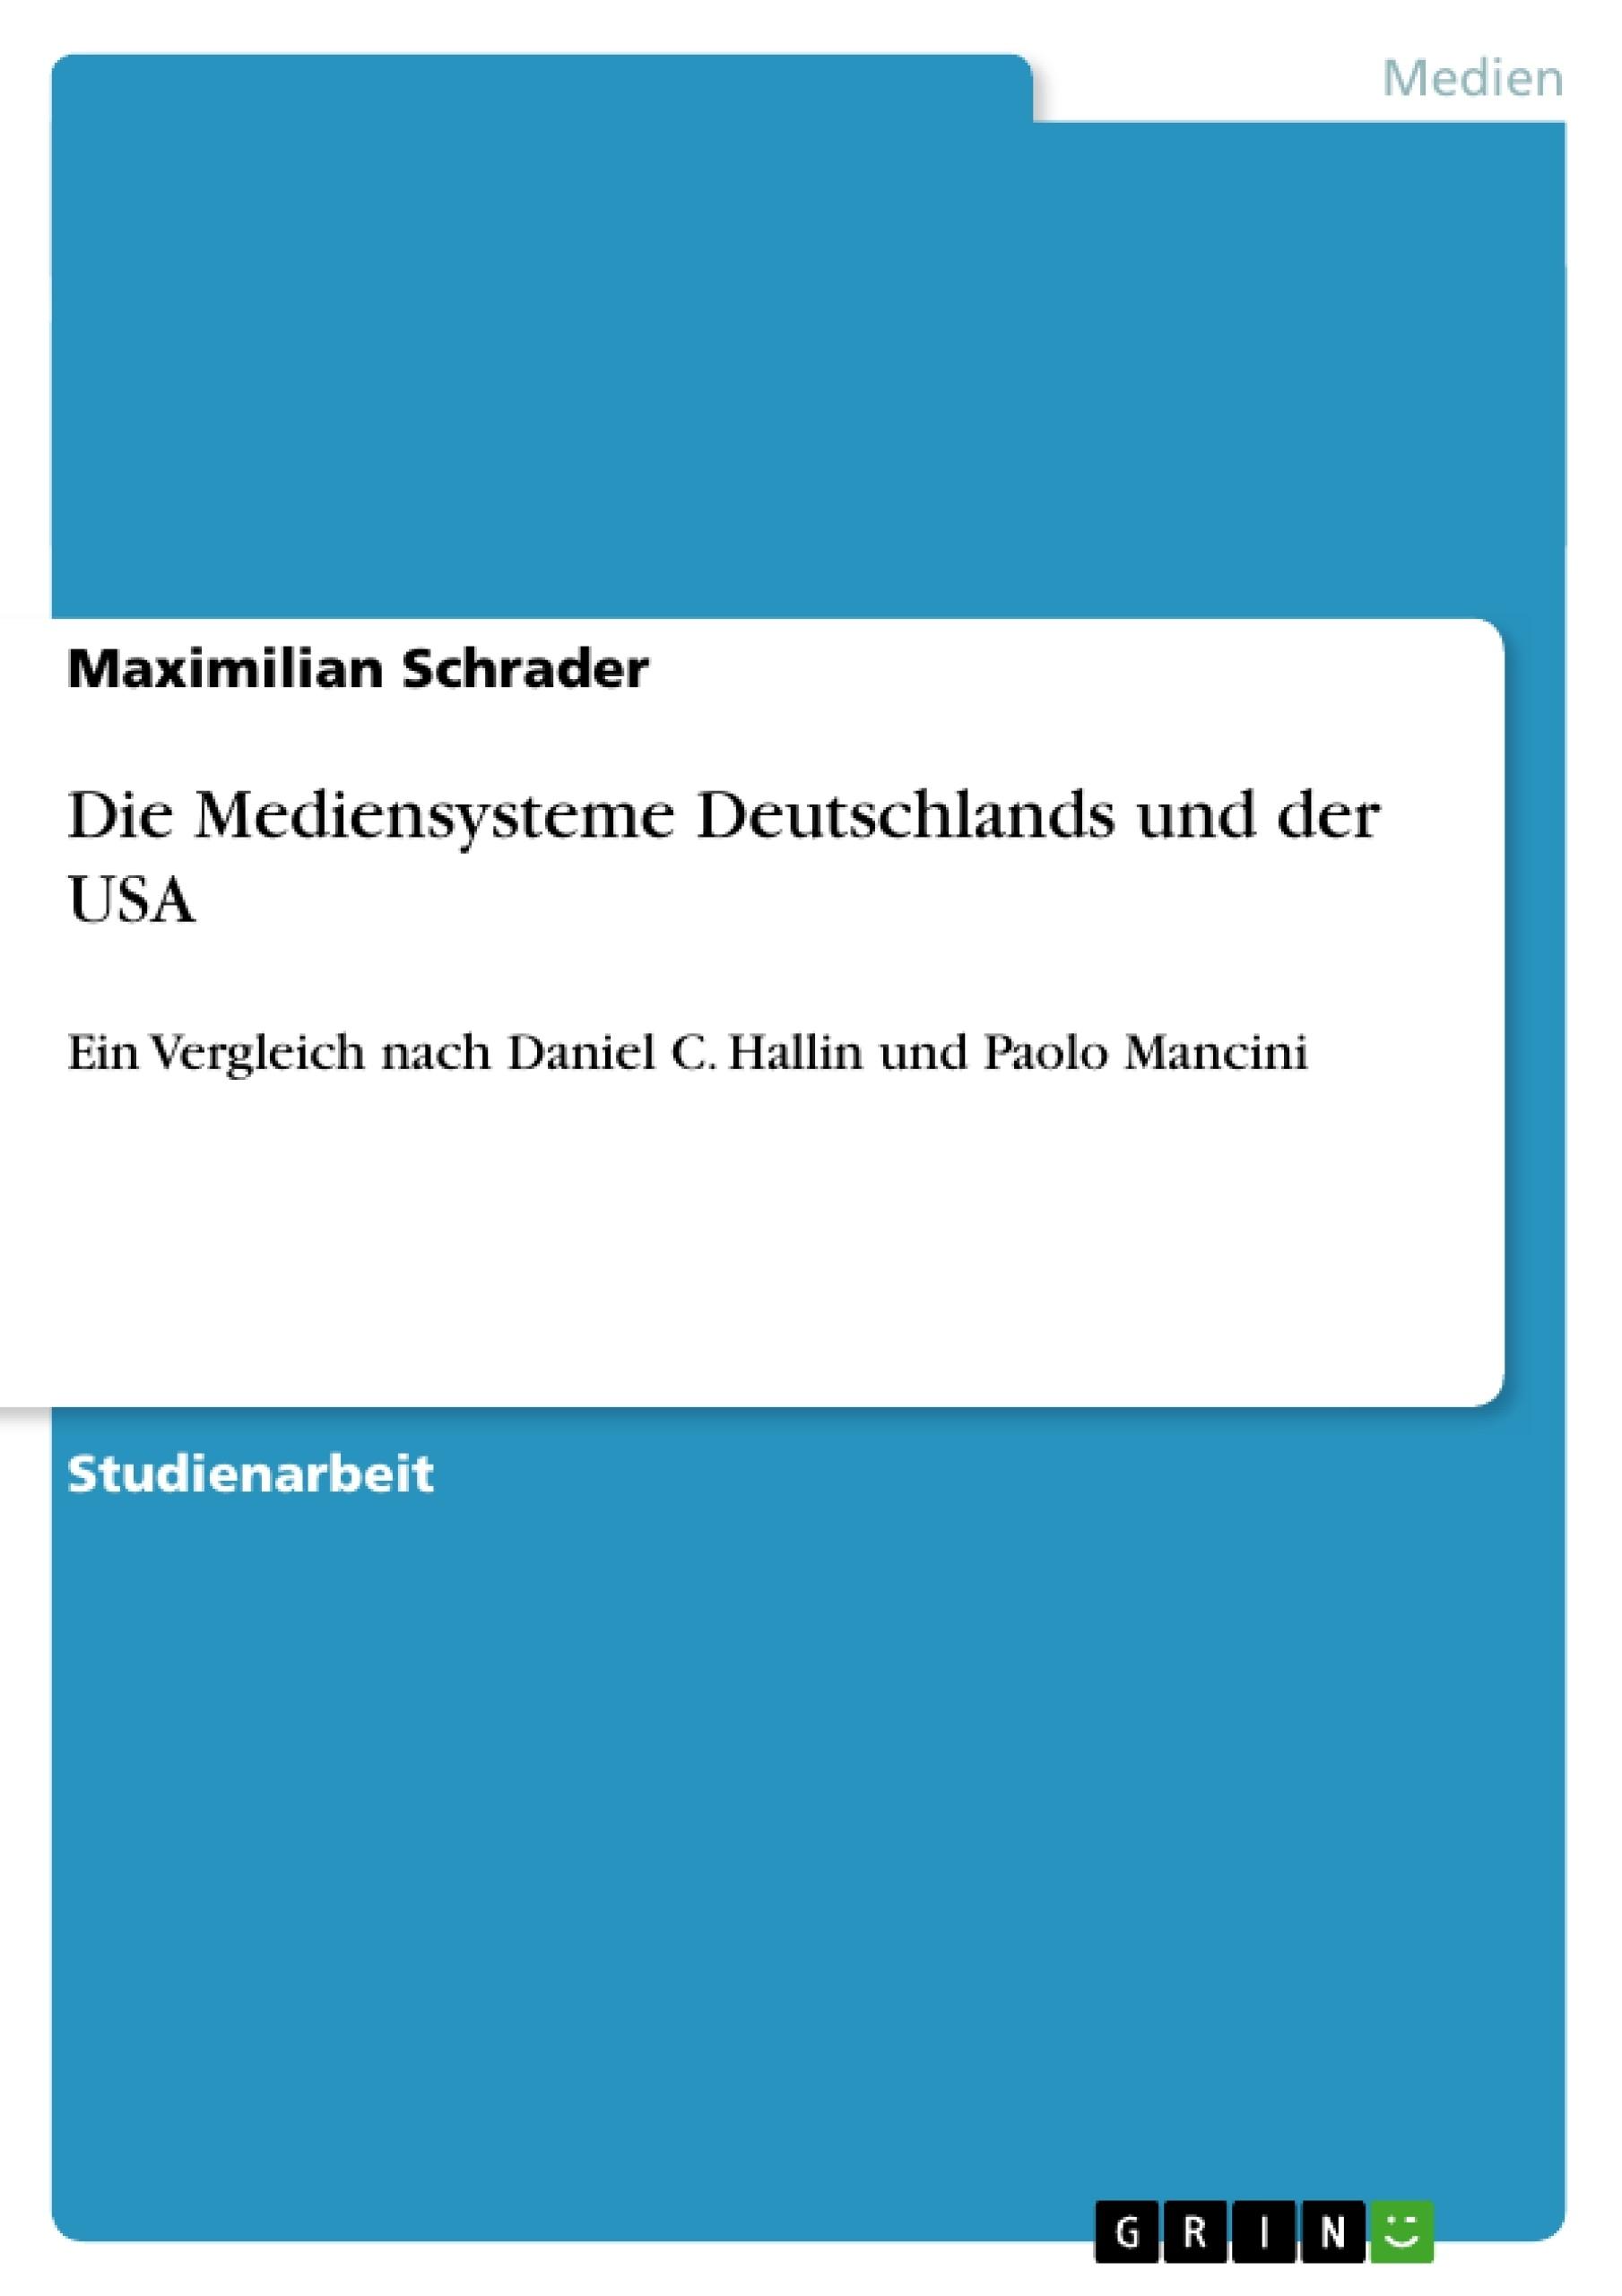 Titel: Die Mediensysteme Deutschlands und der USA